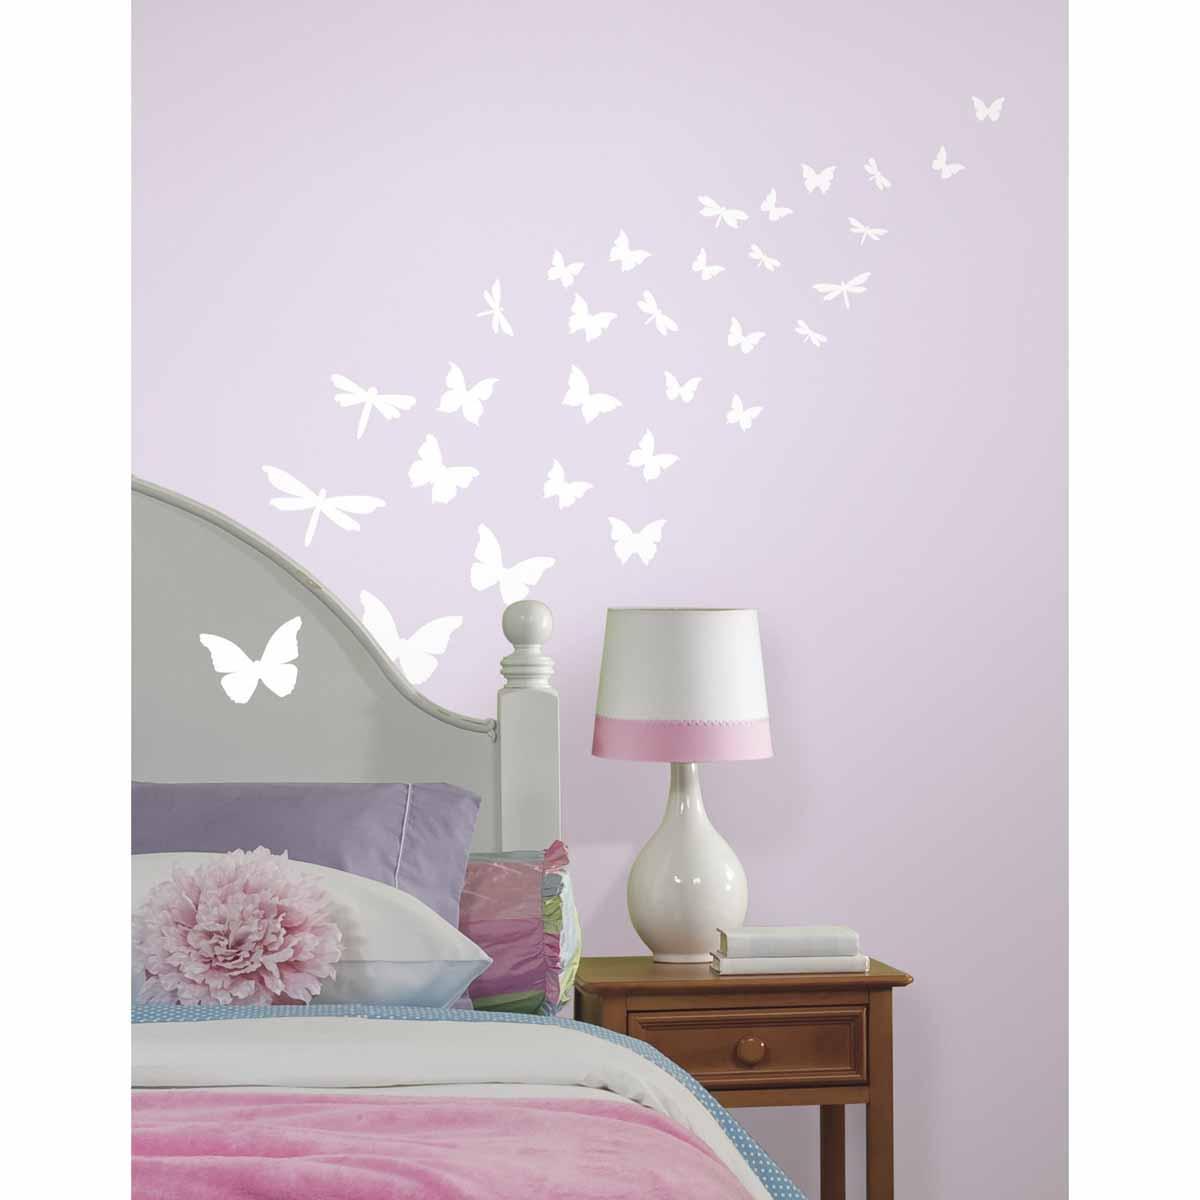 RoomMates Наклейка интерьерная Бабочки и стрекозы 80 шт -  Детская комната